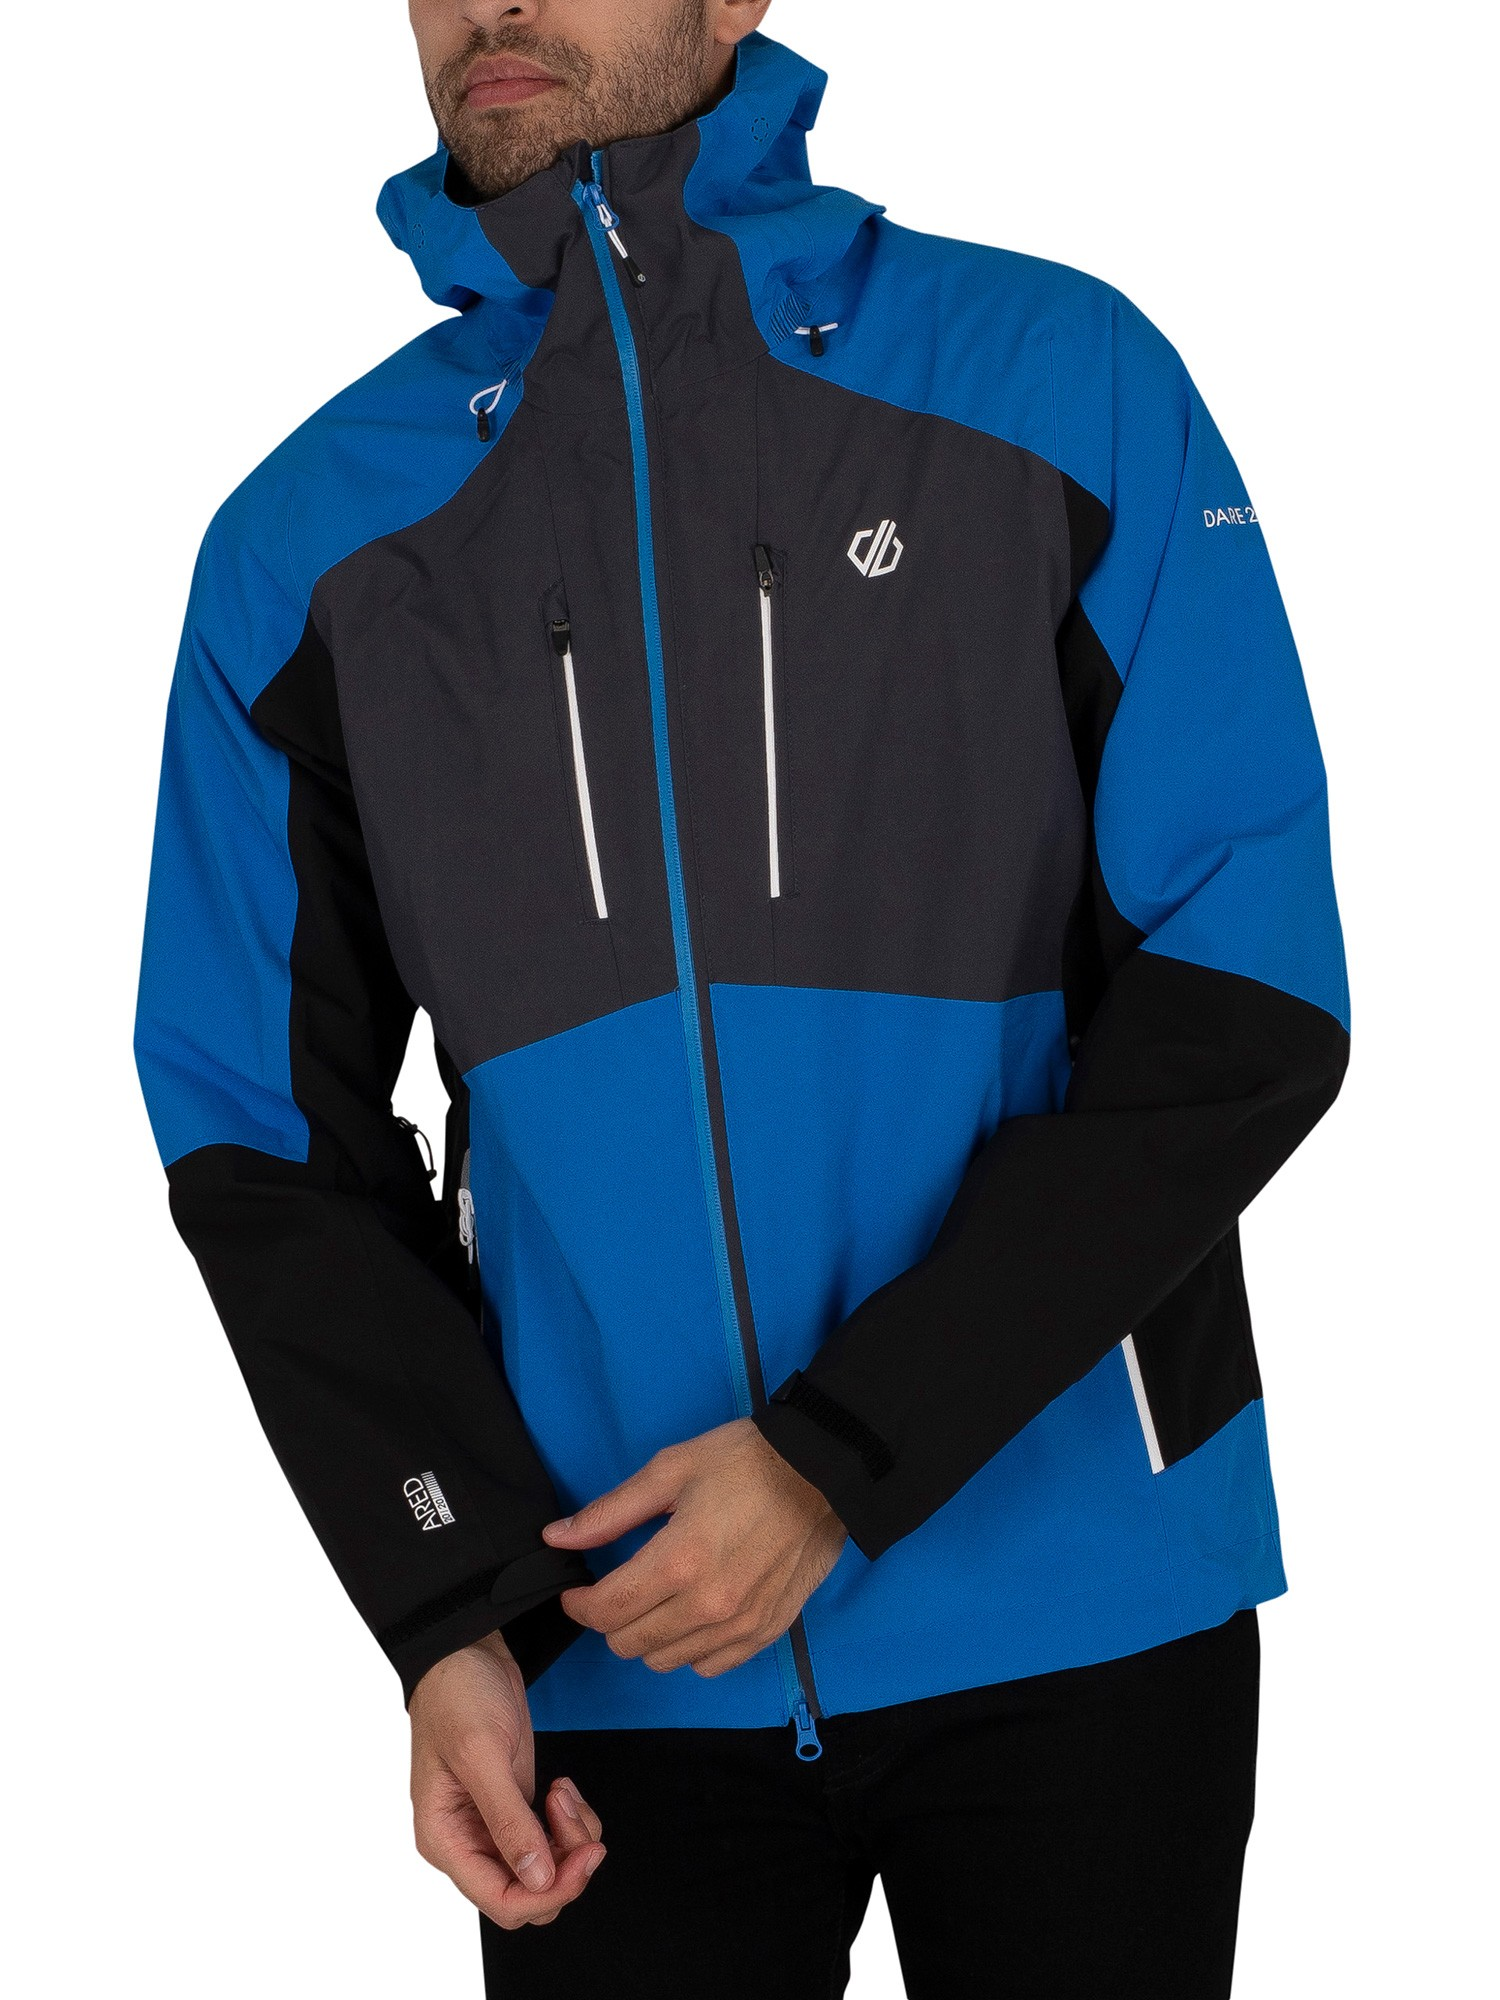 Soaring Waterproof Jacket